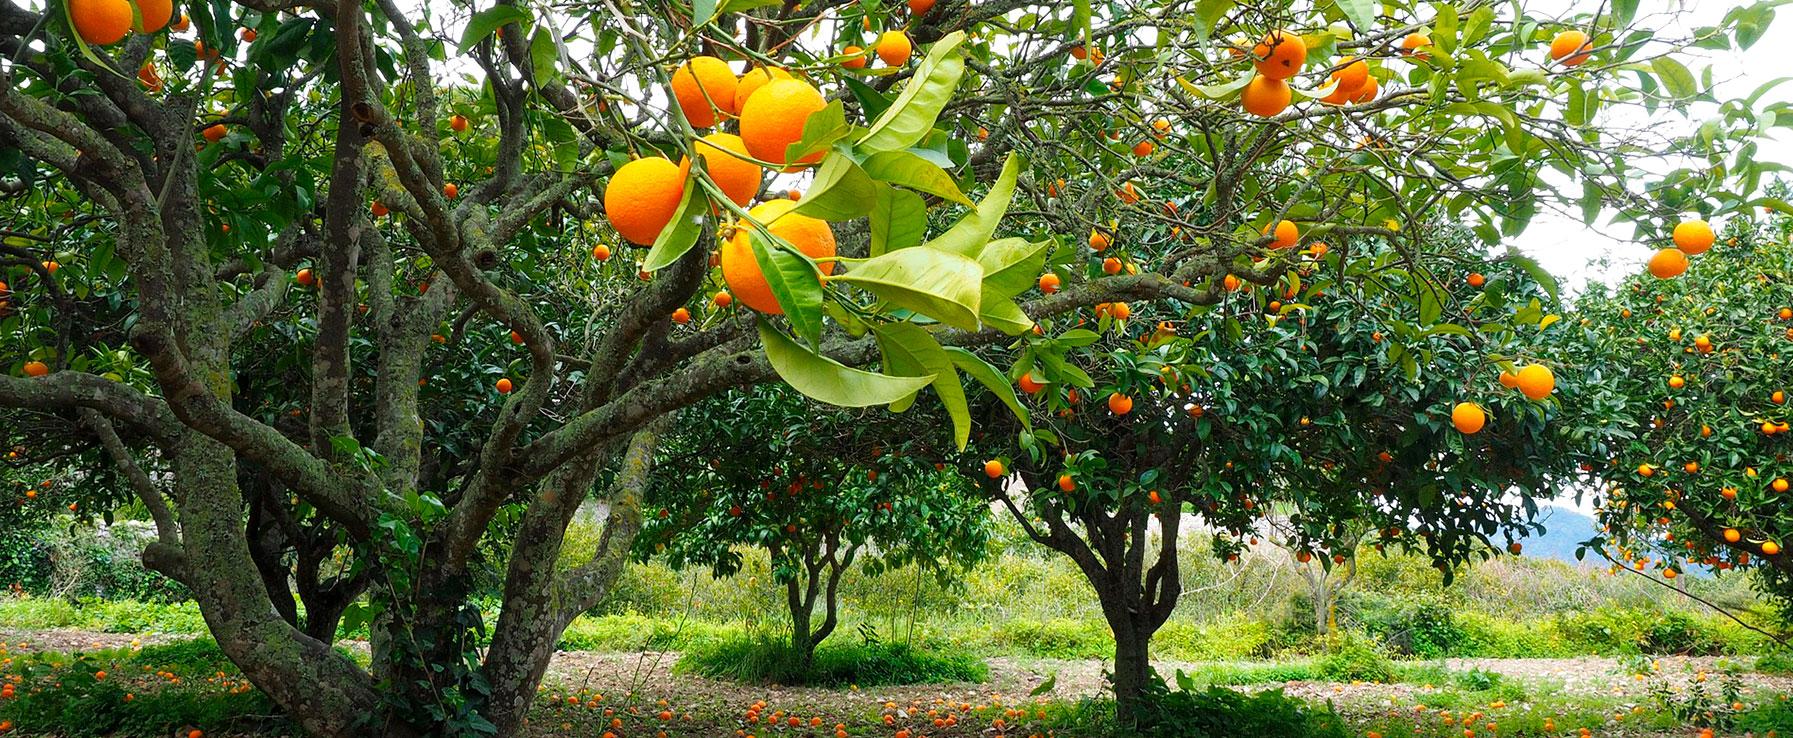 frutales sun plantes viveros s l